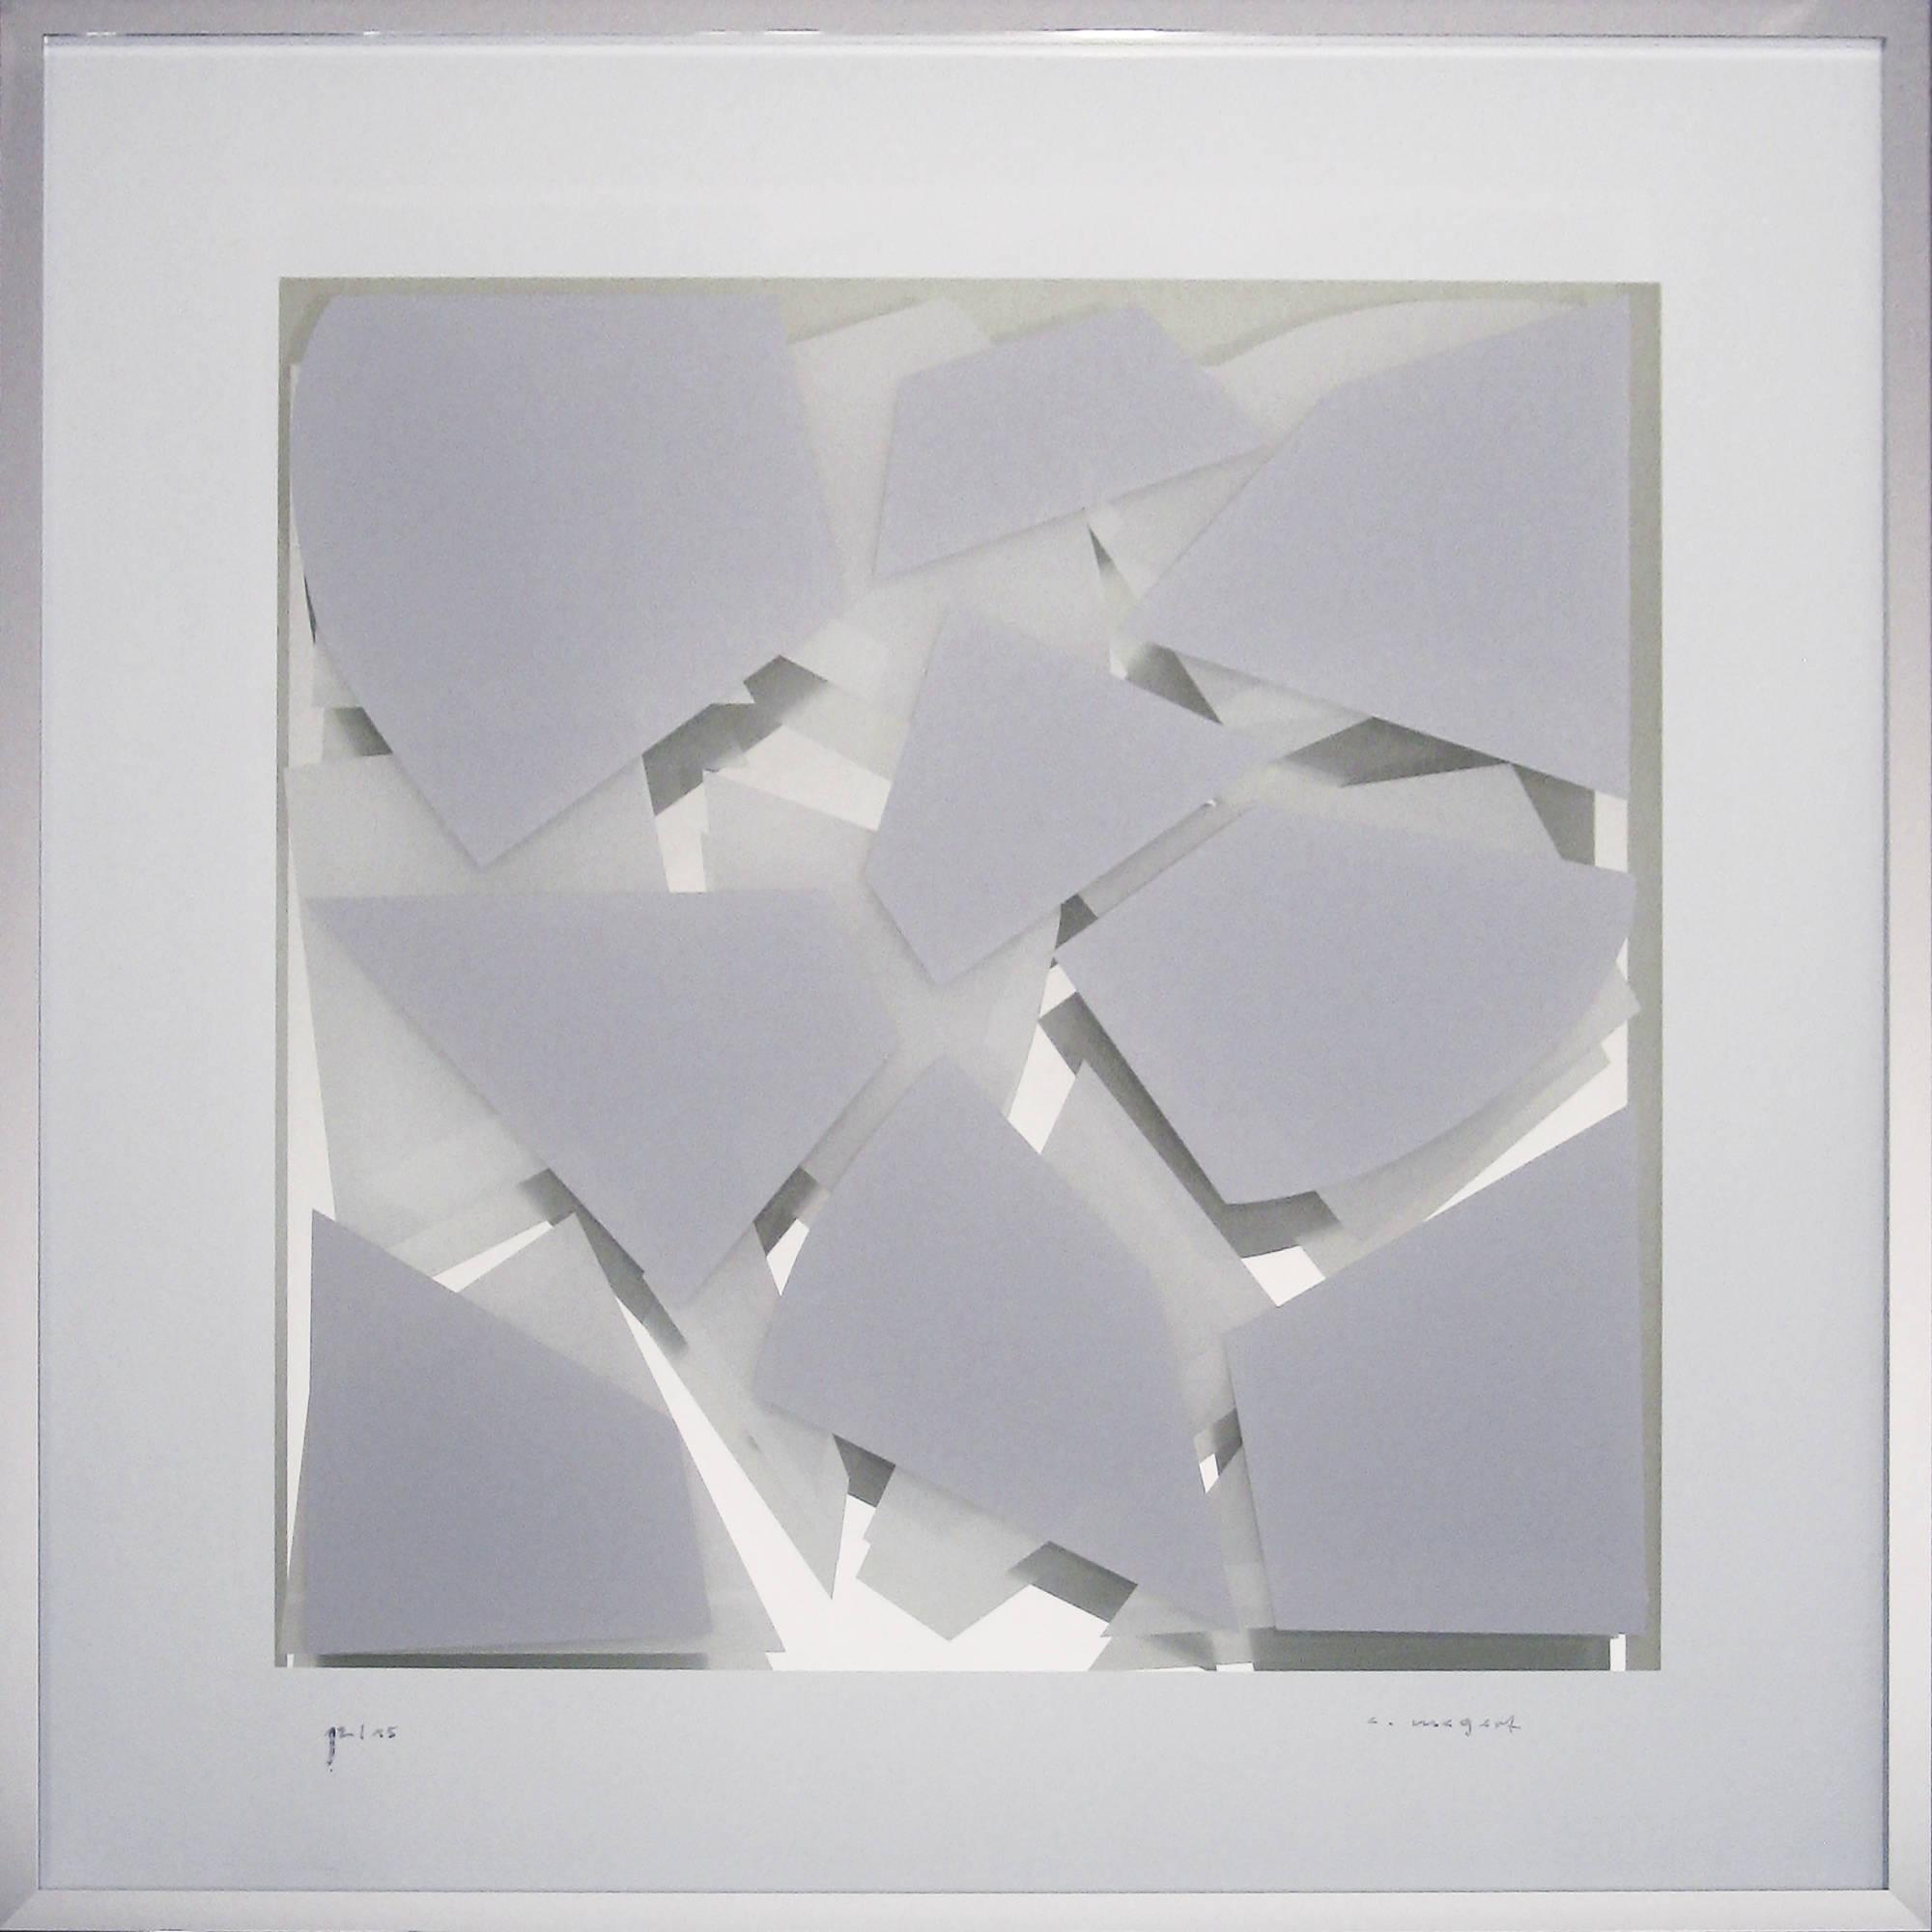 Grau-Weiß Spiegel im Quadrat 2